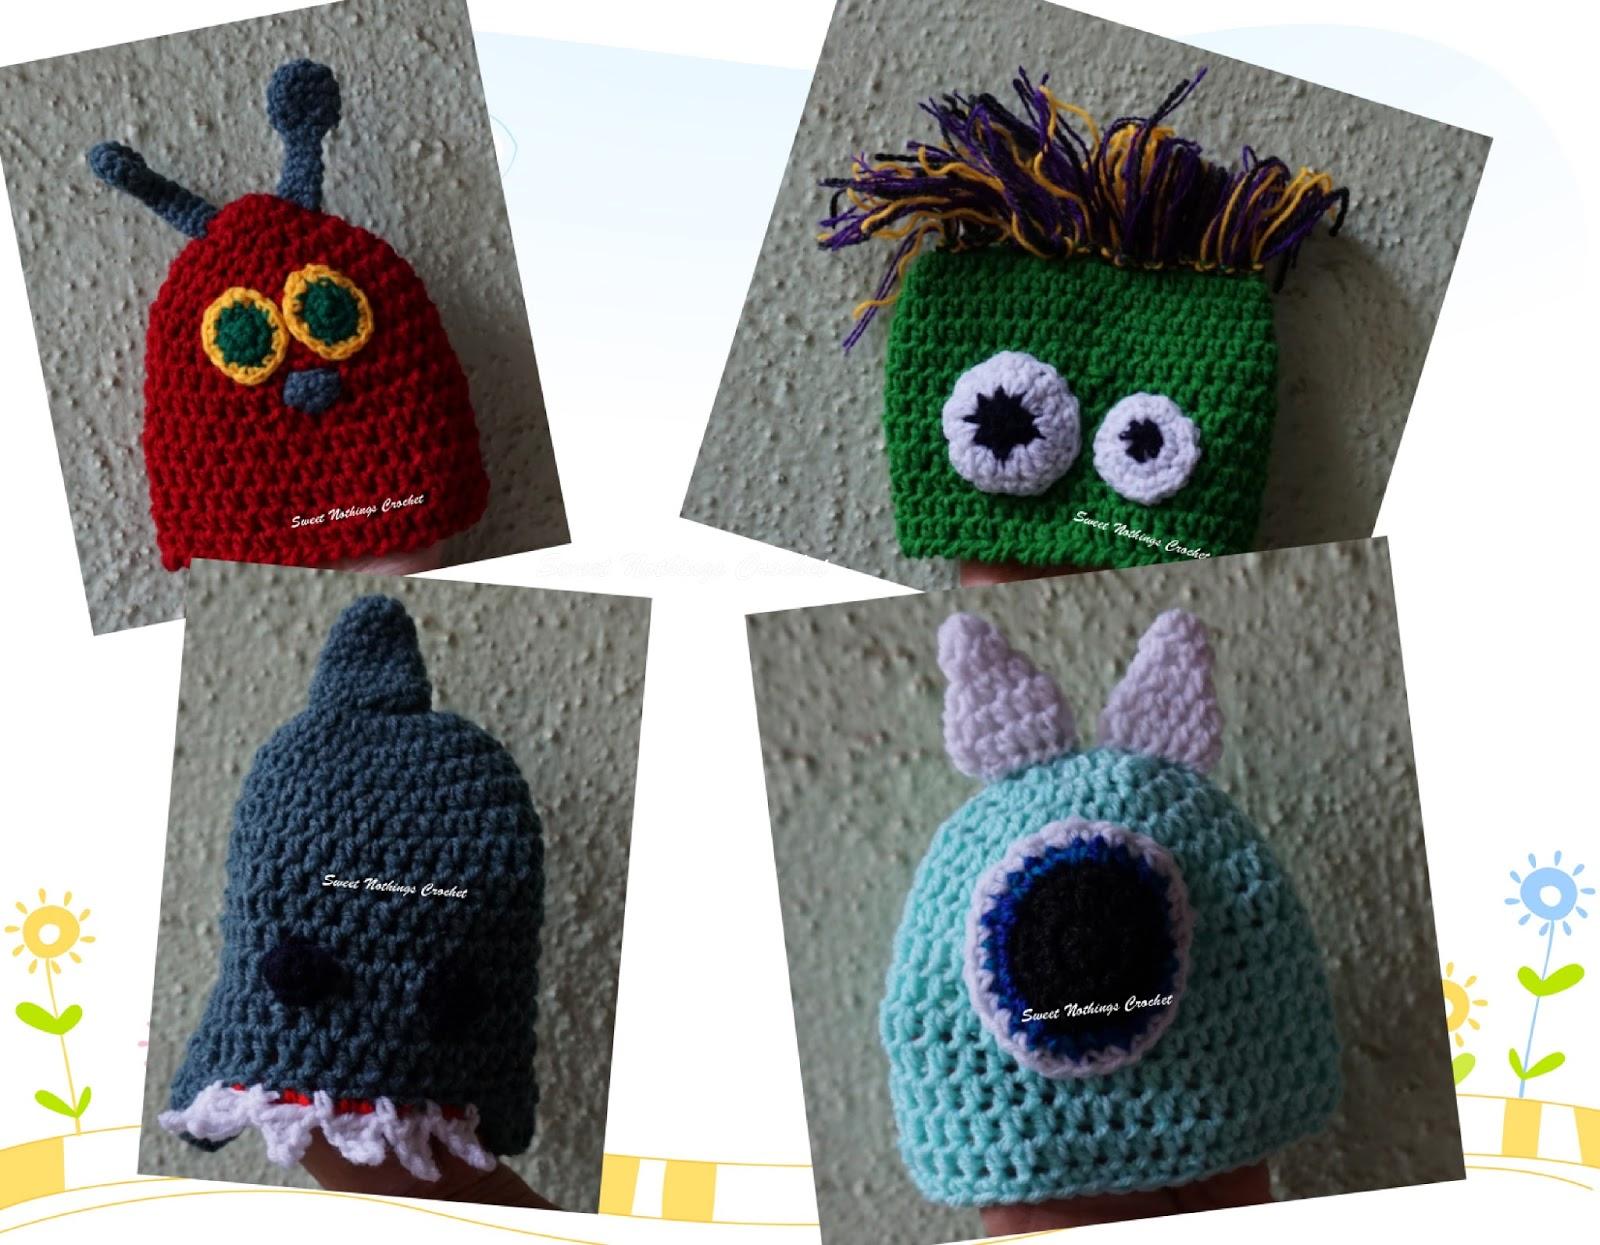 Sweet Nothings Crochet Preemie Caps 3 Monstaah Caps